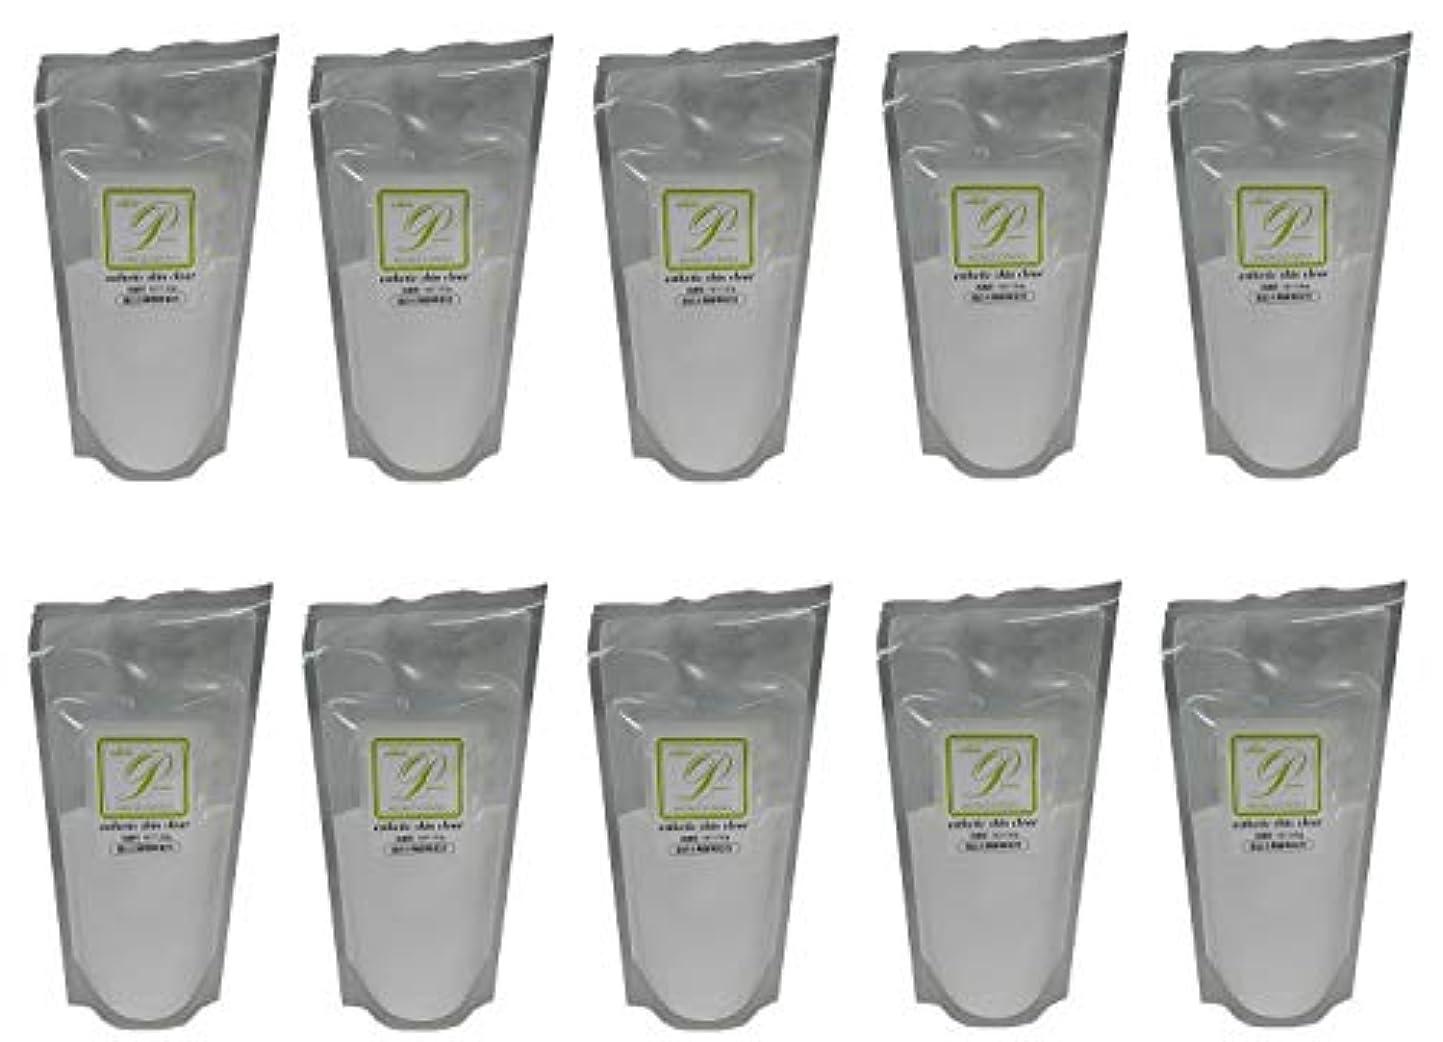 ネックレスどんよりした指令【10個セット】メロス プラスマンスキンケア 酵素 スキンクリア N 120g レフィル